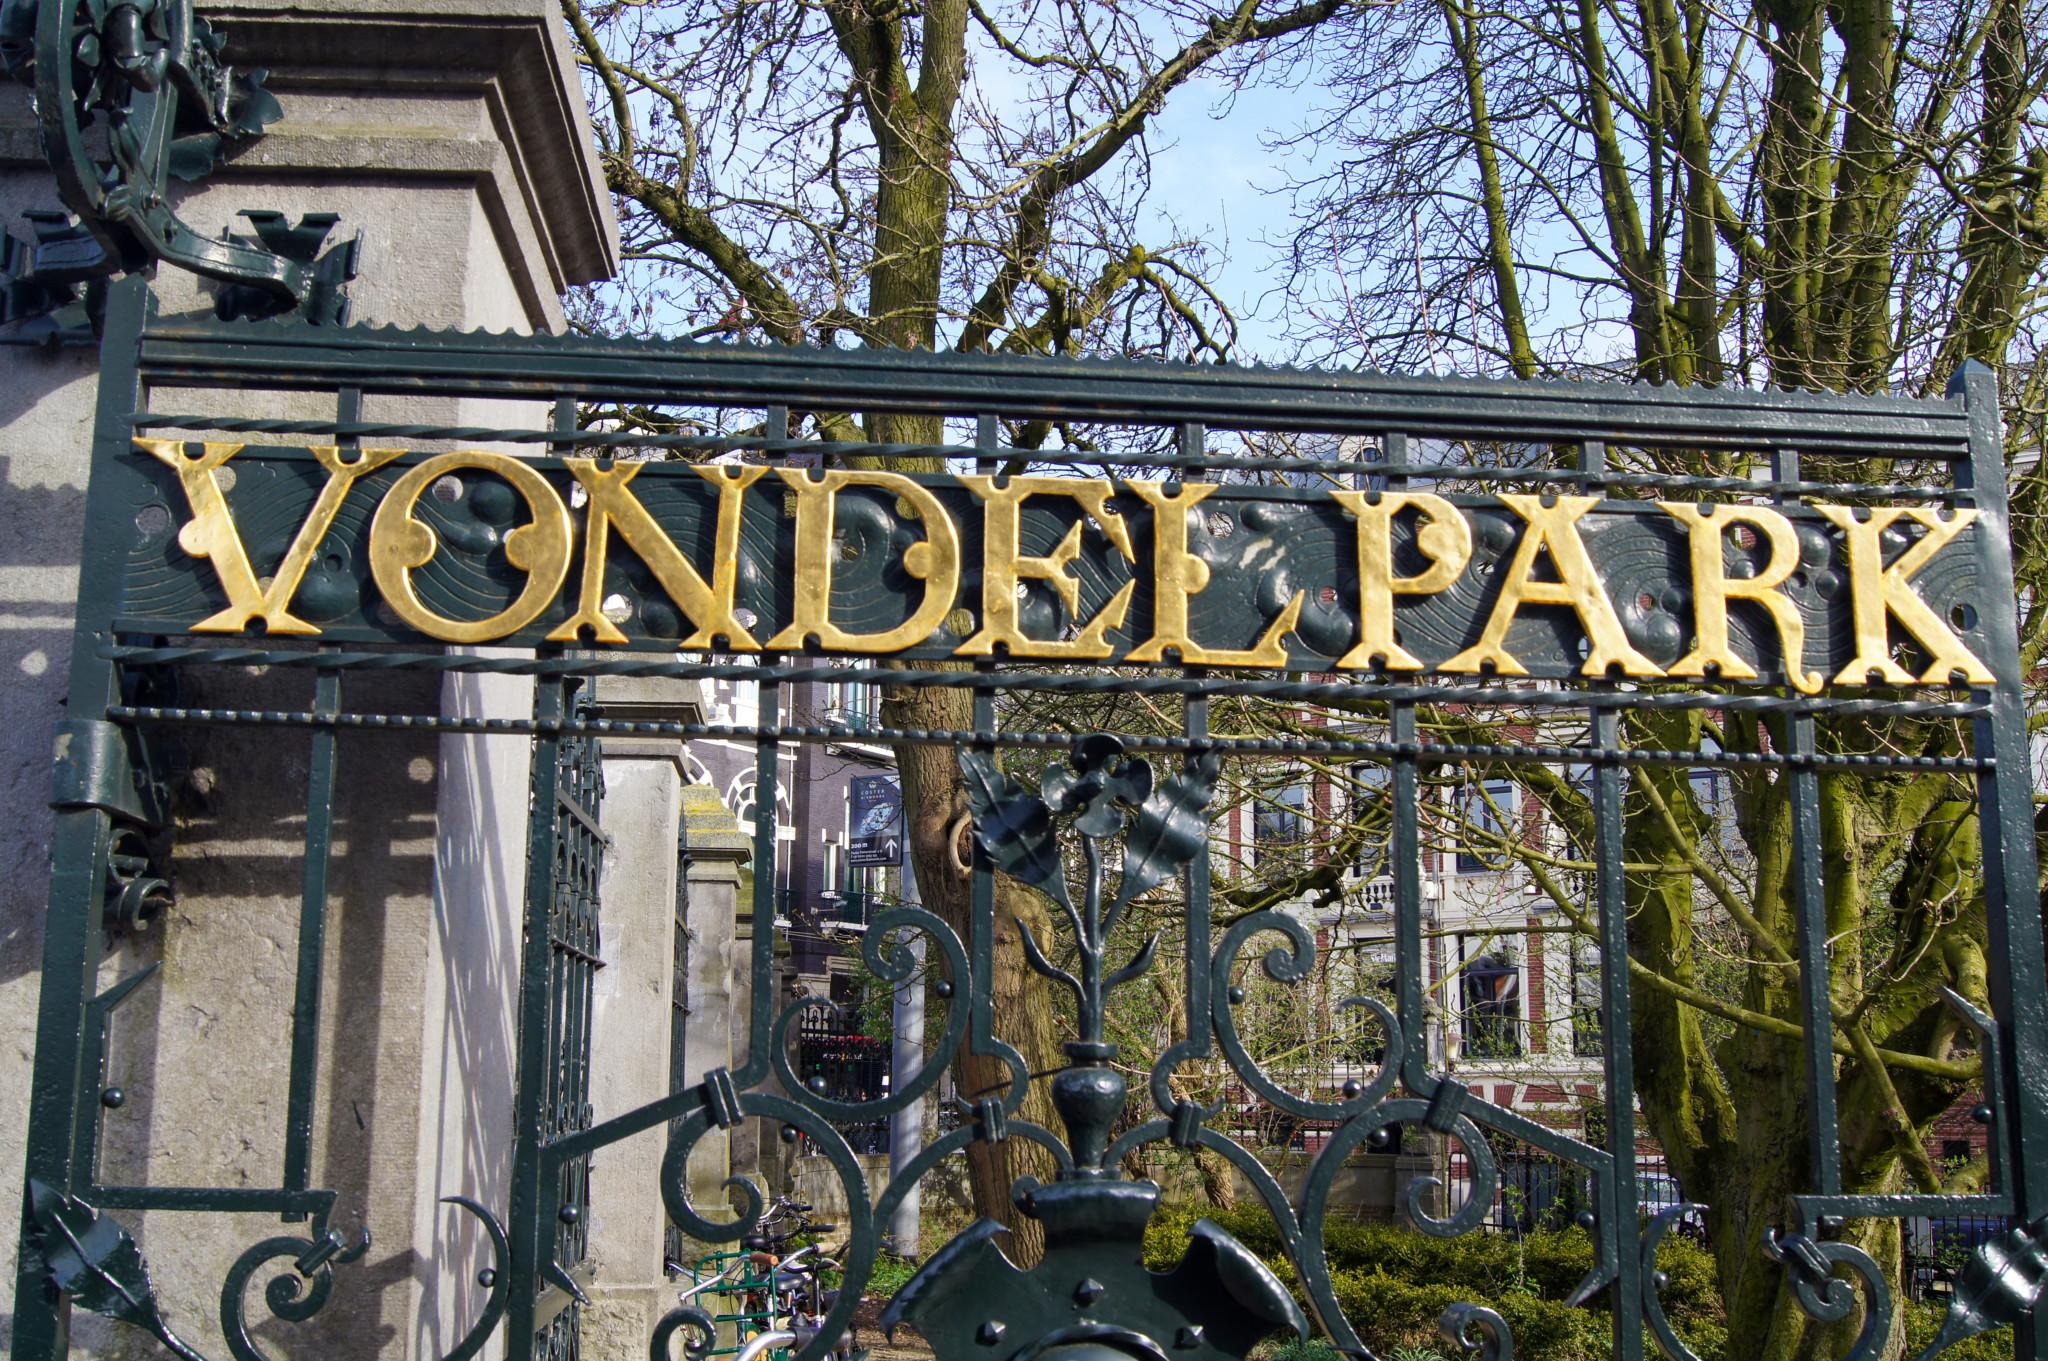 Eingang zum Vondelpark